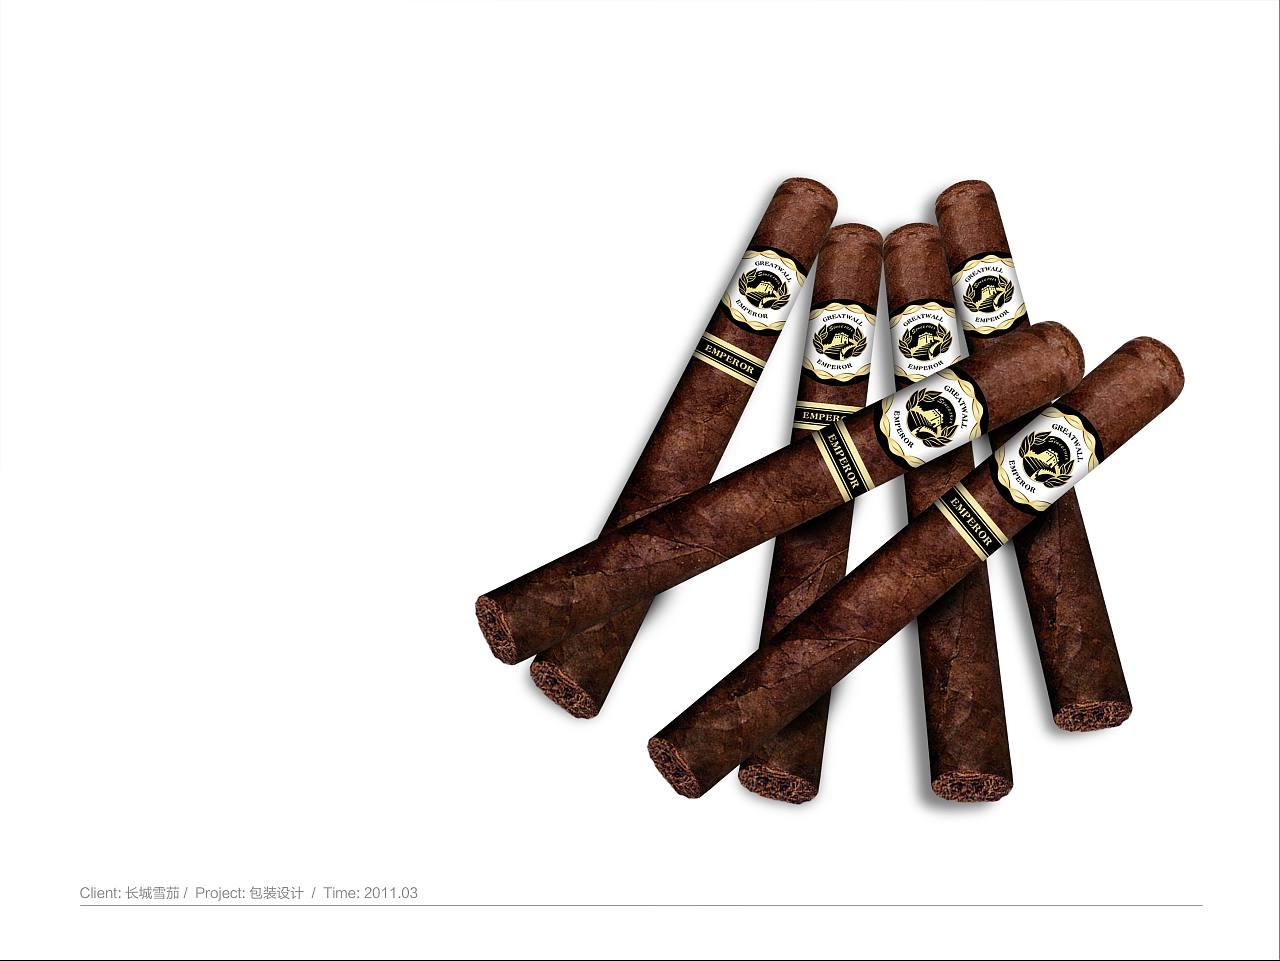 长城雪茄 平面 包装 李华清 设计